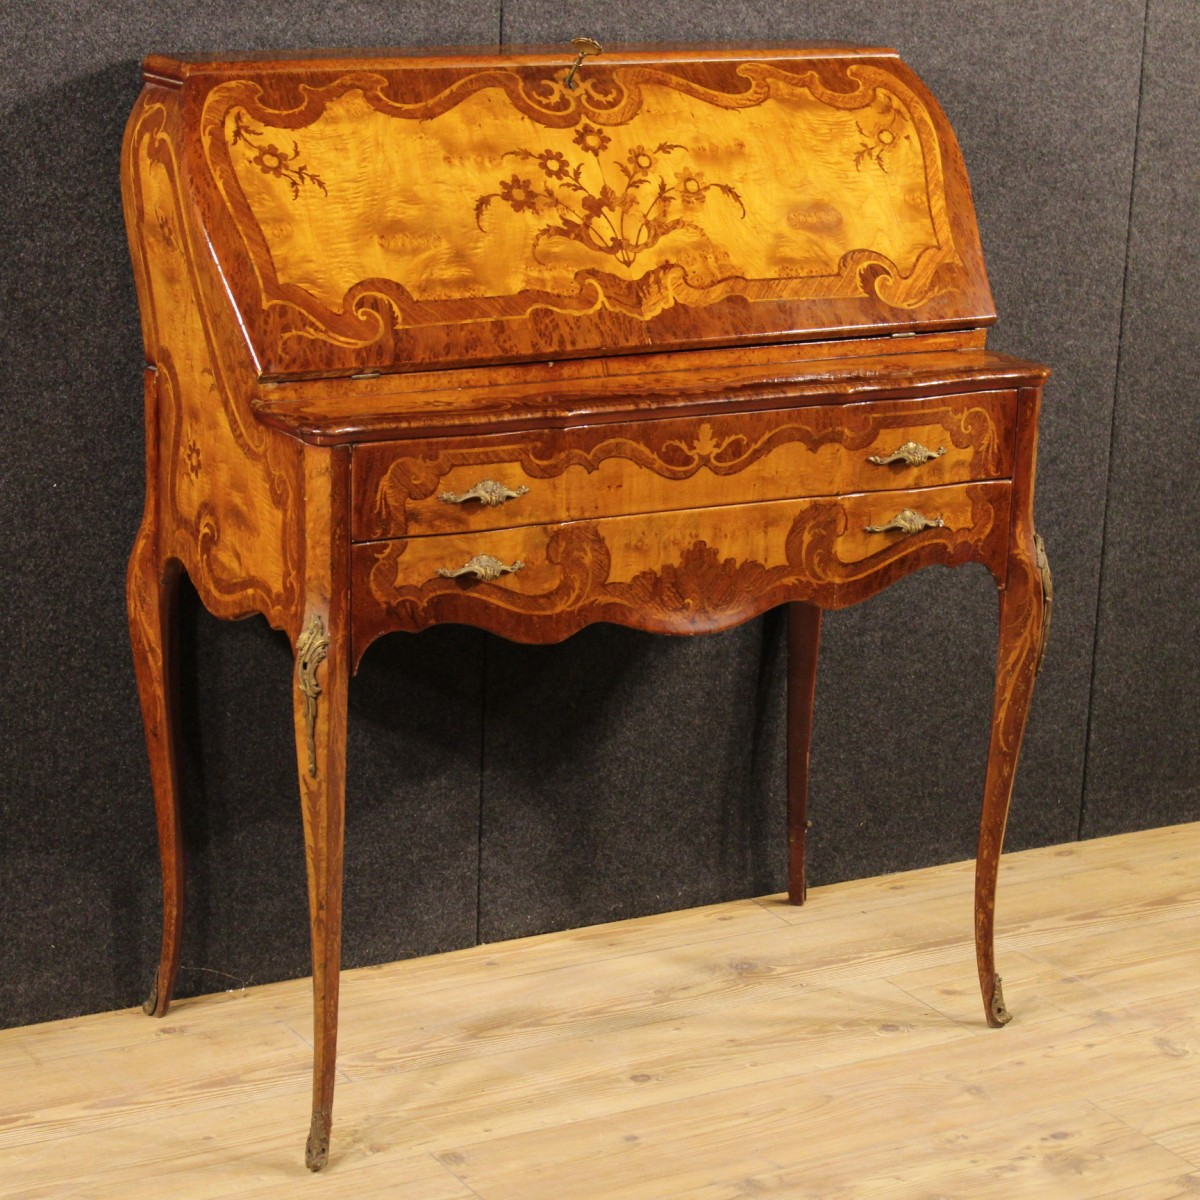 I mobili intarsiati una tradizione antica for Nomi di mobili